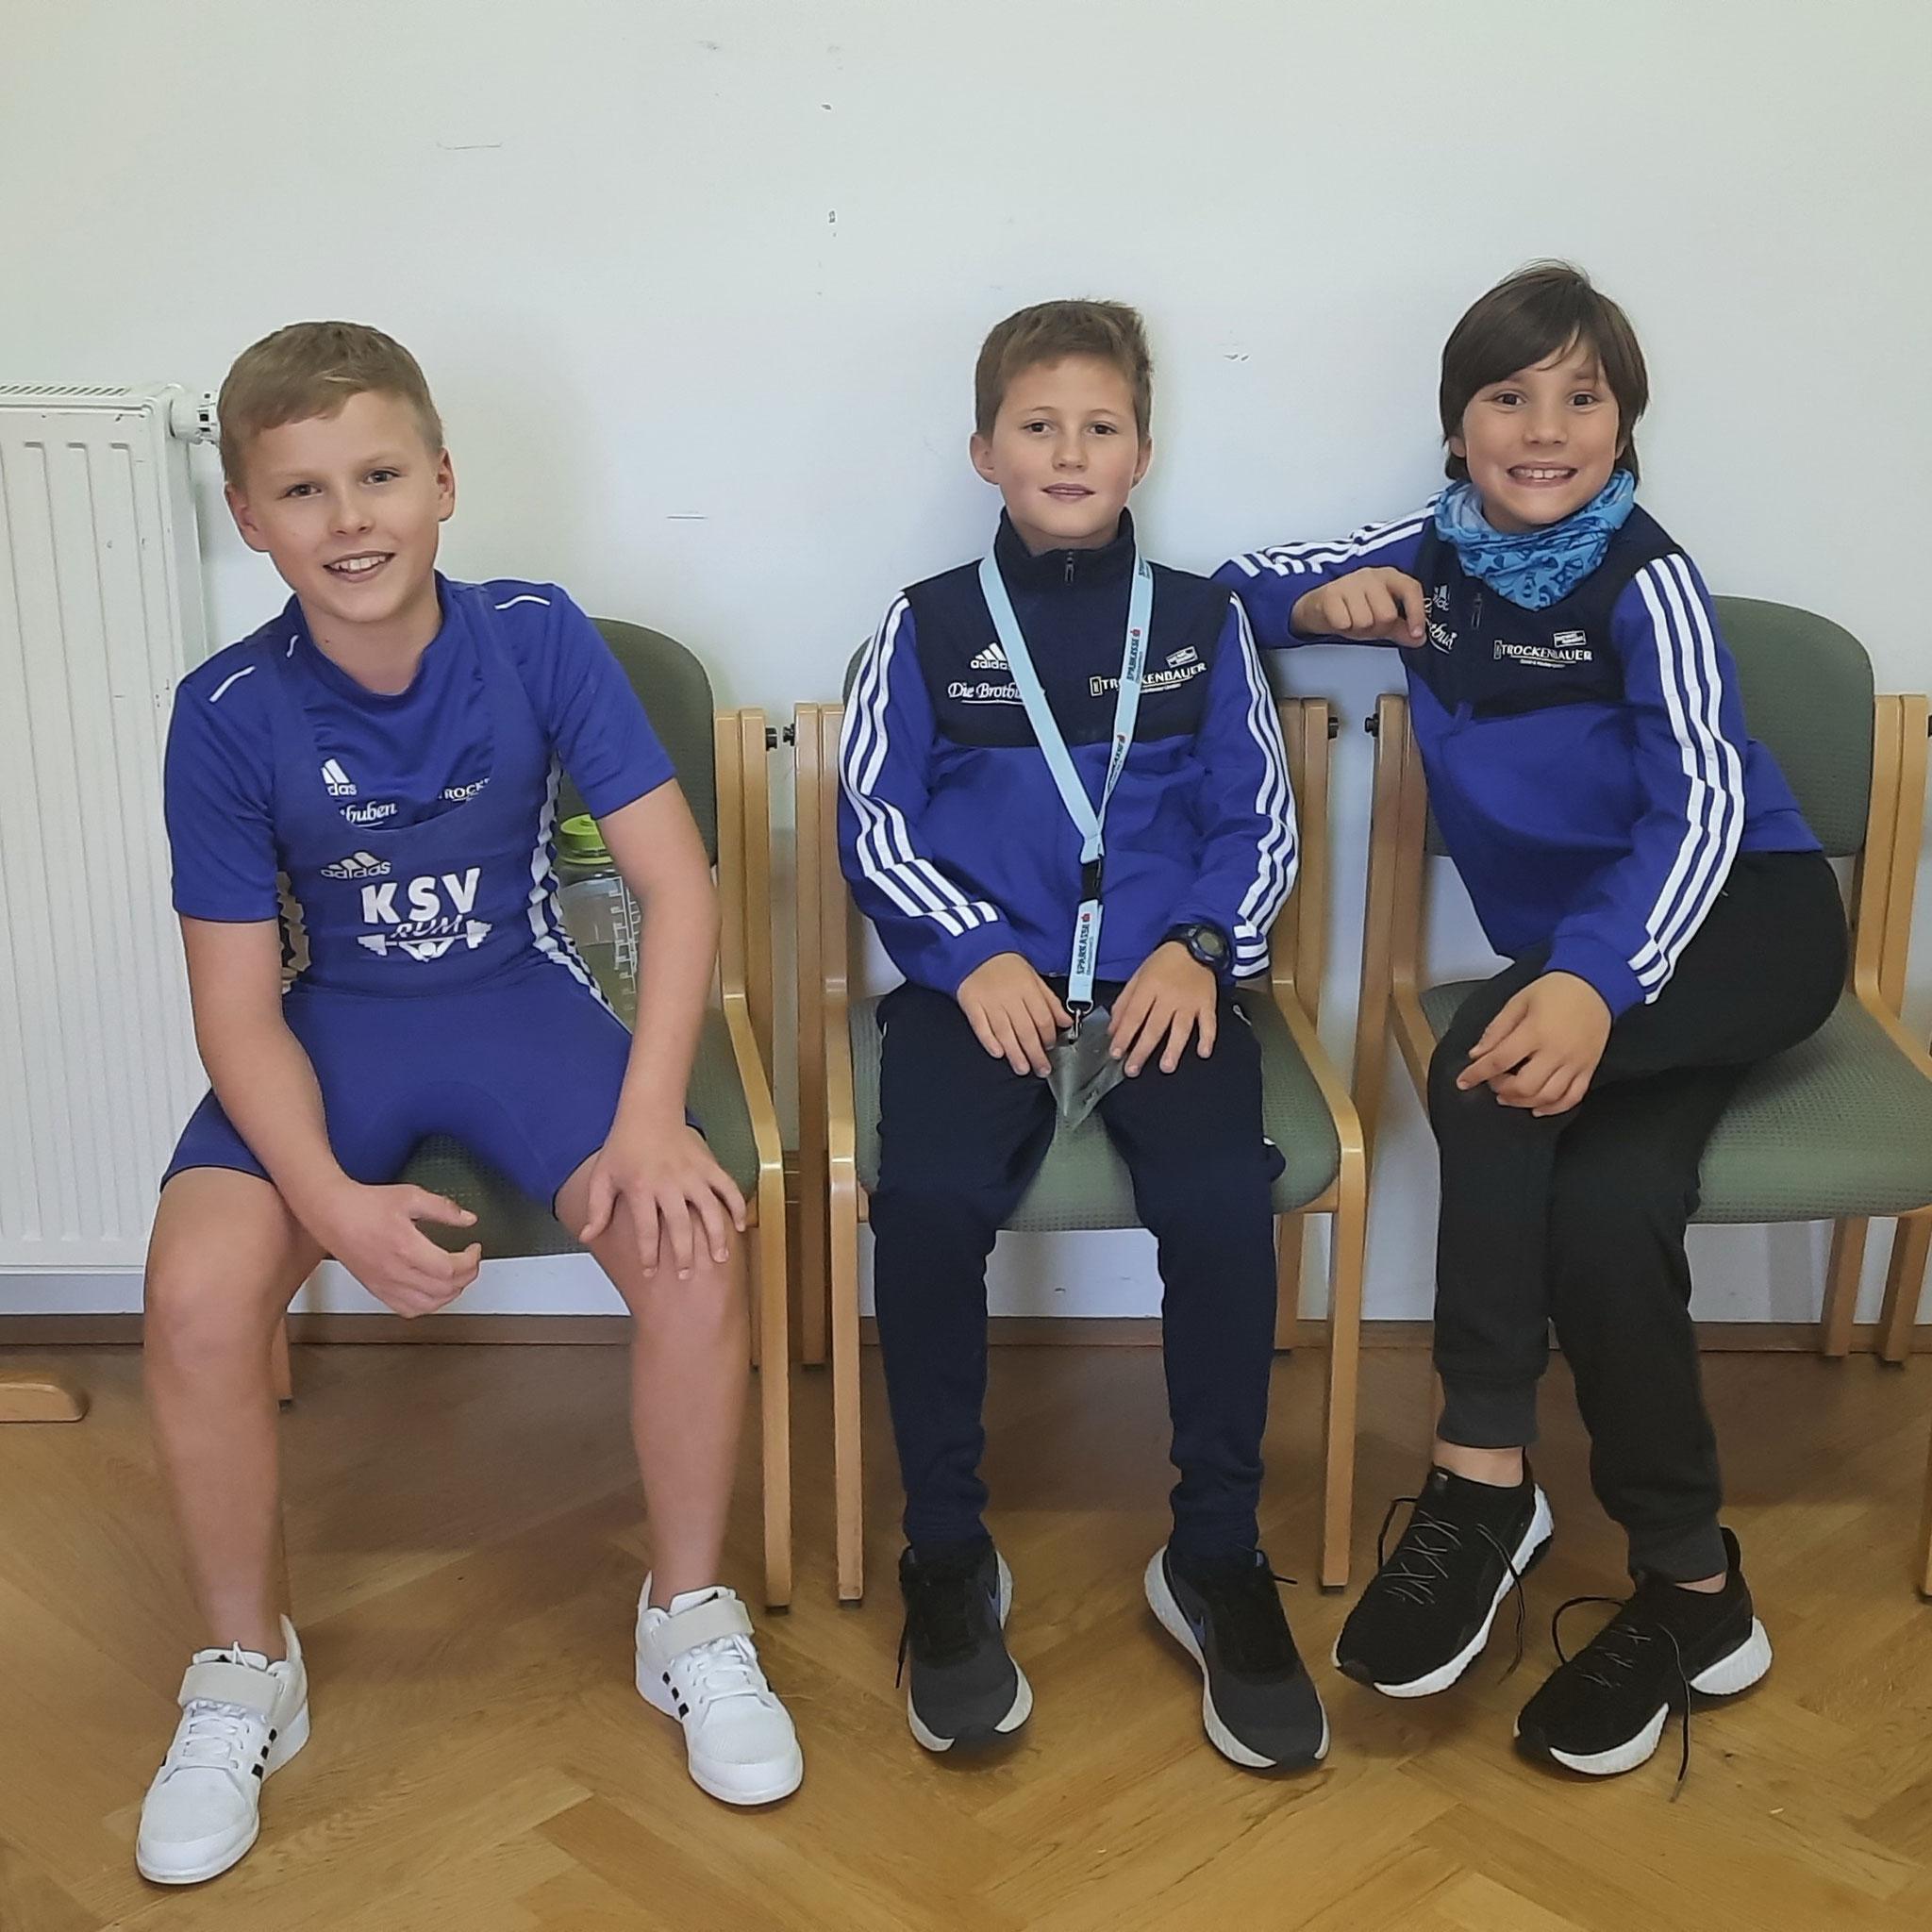 24.10.2020 - Gold und 2 x Silber für die KSV-Jung´s bei der österr. Schülermeisterschaft